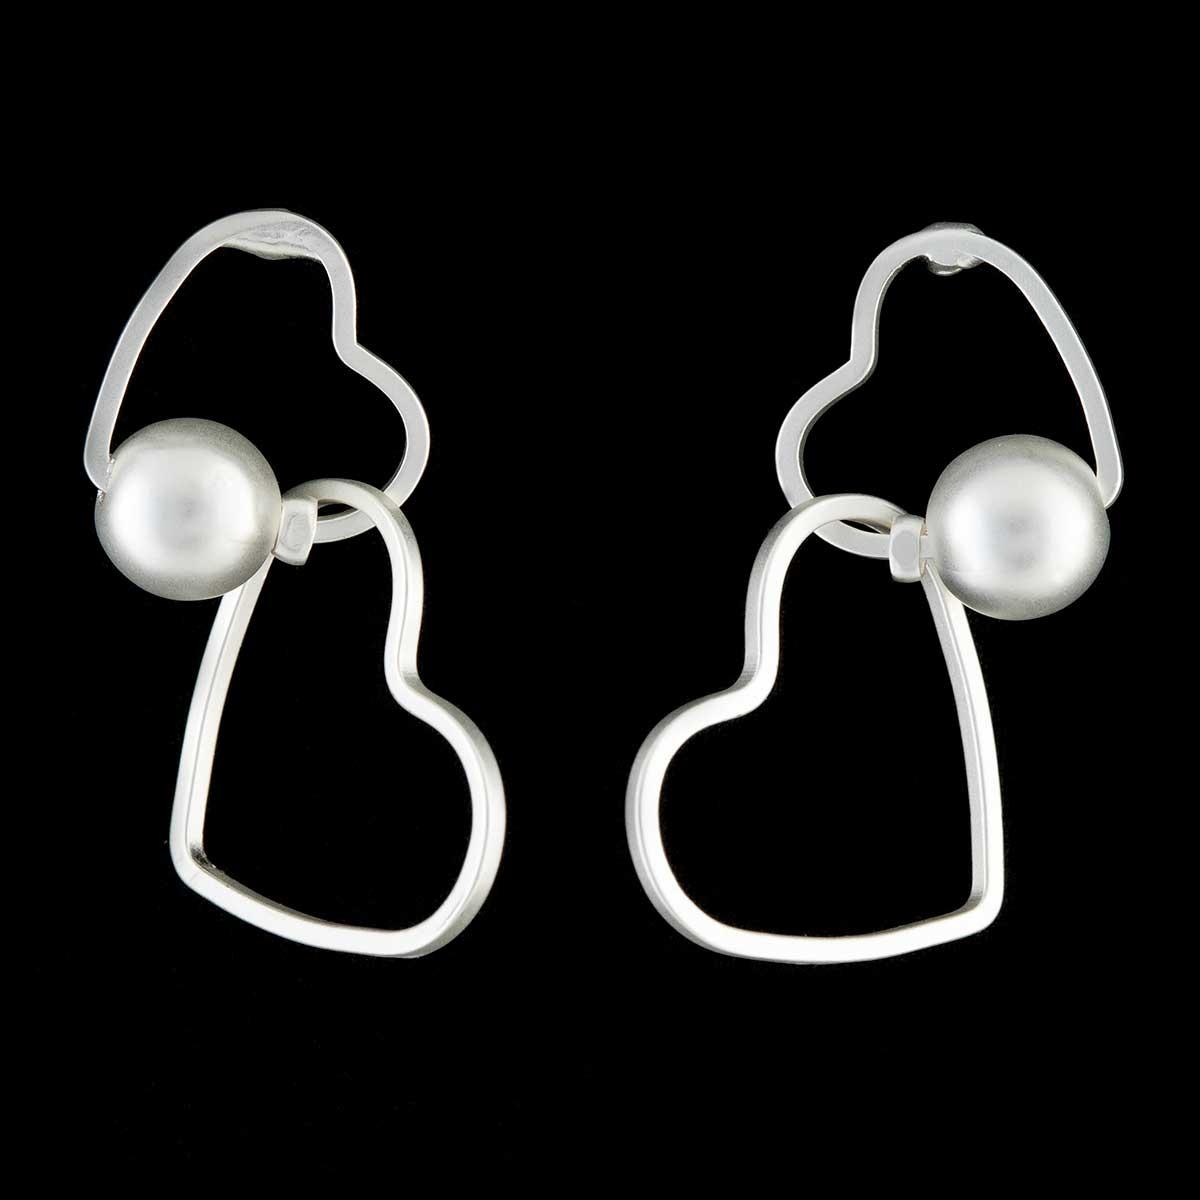 Satin Silver Double Heart Post Earrings